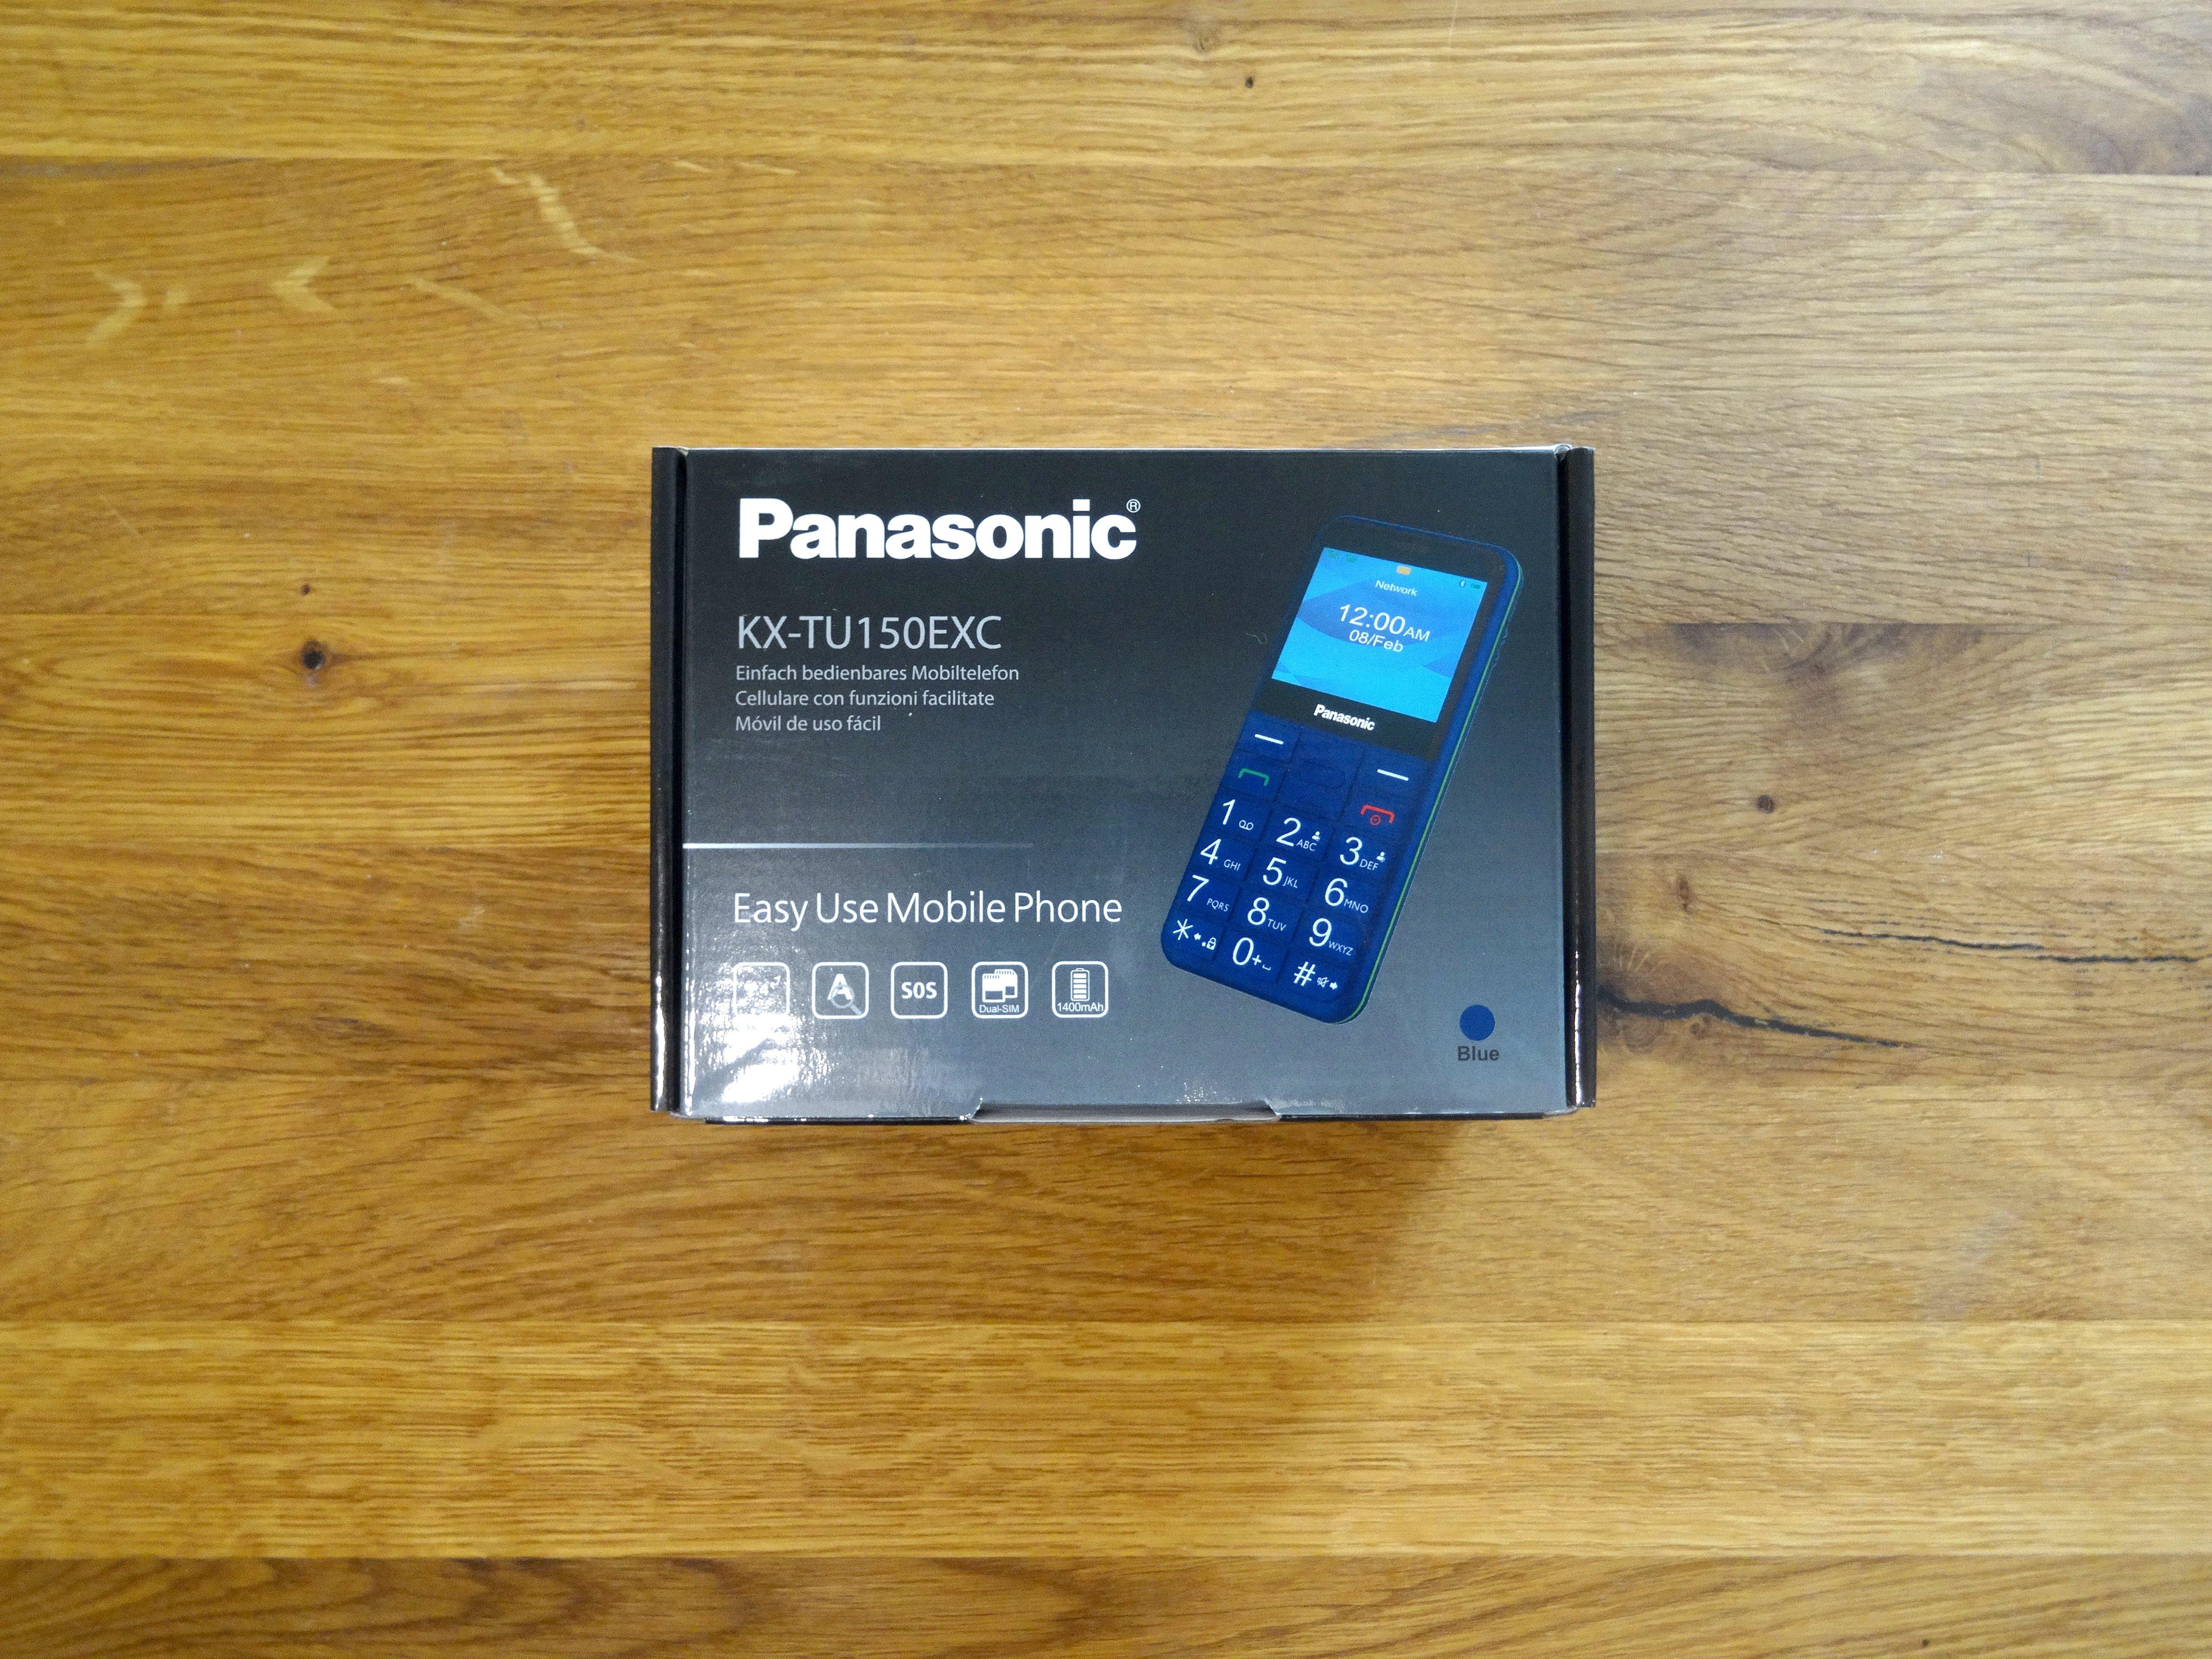 Panasonic KX-TU150EXC